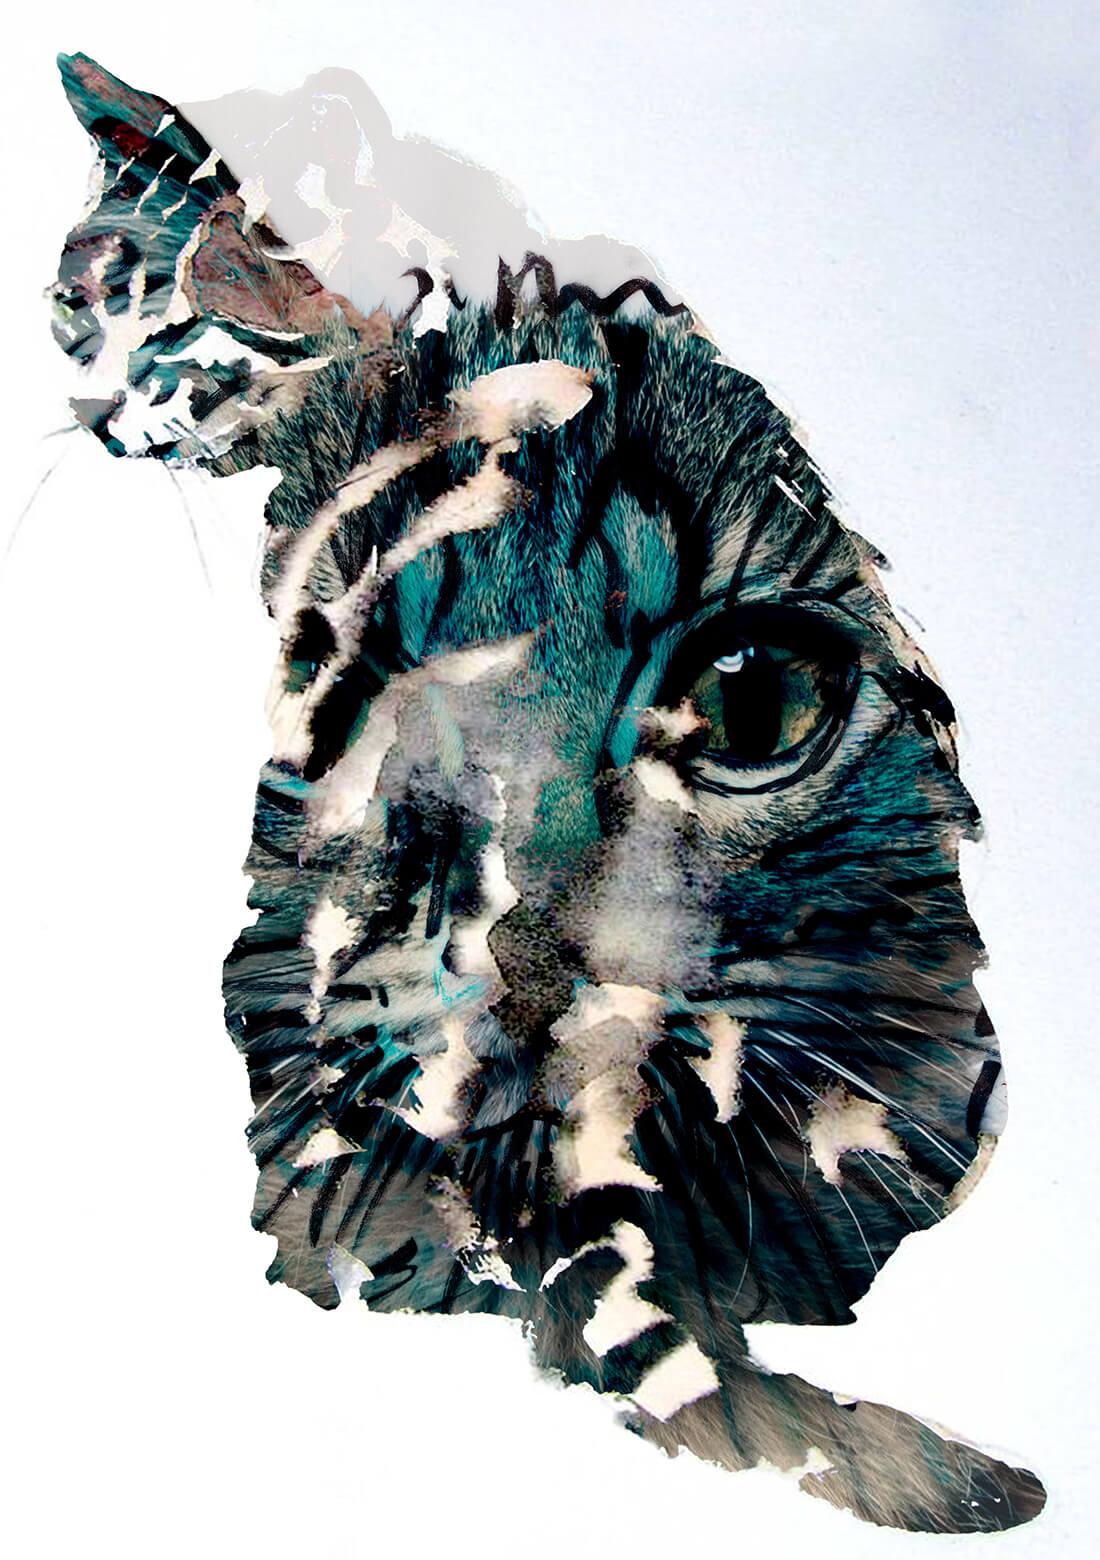 Par les yeux d'un chat - mixed media schilderij